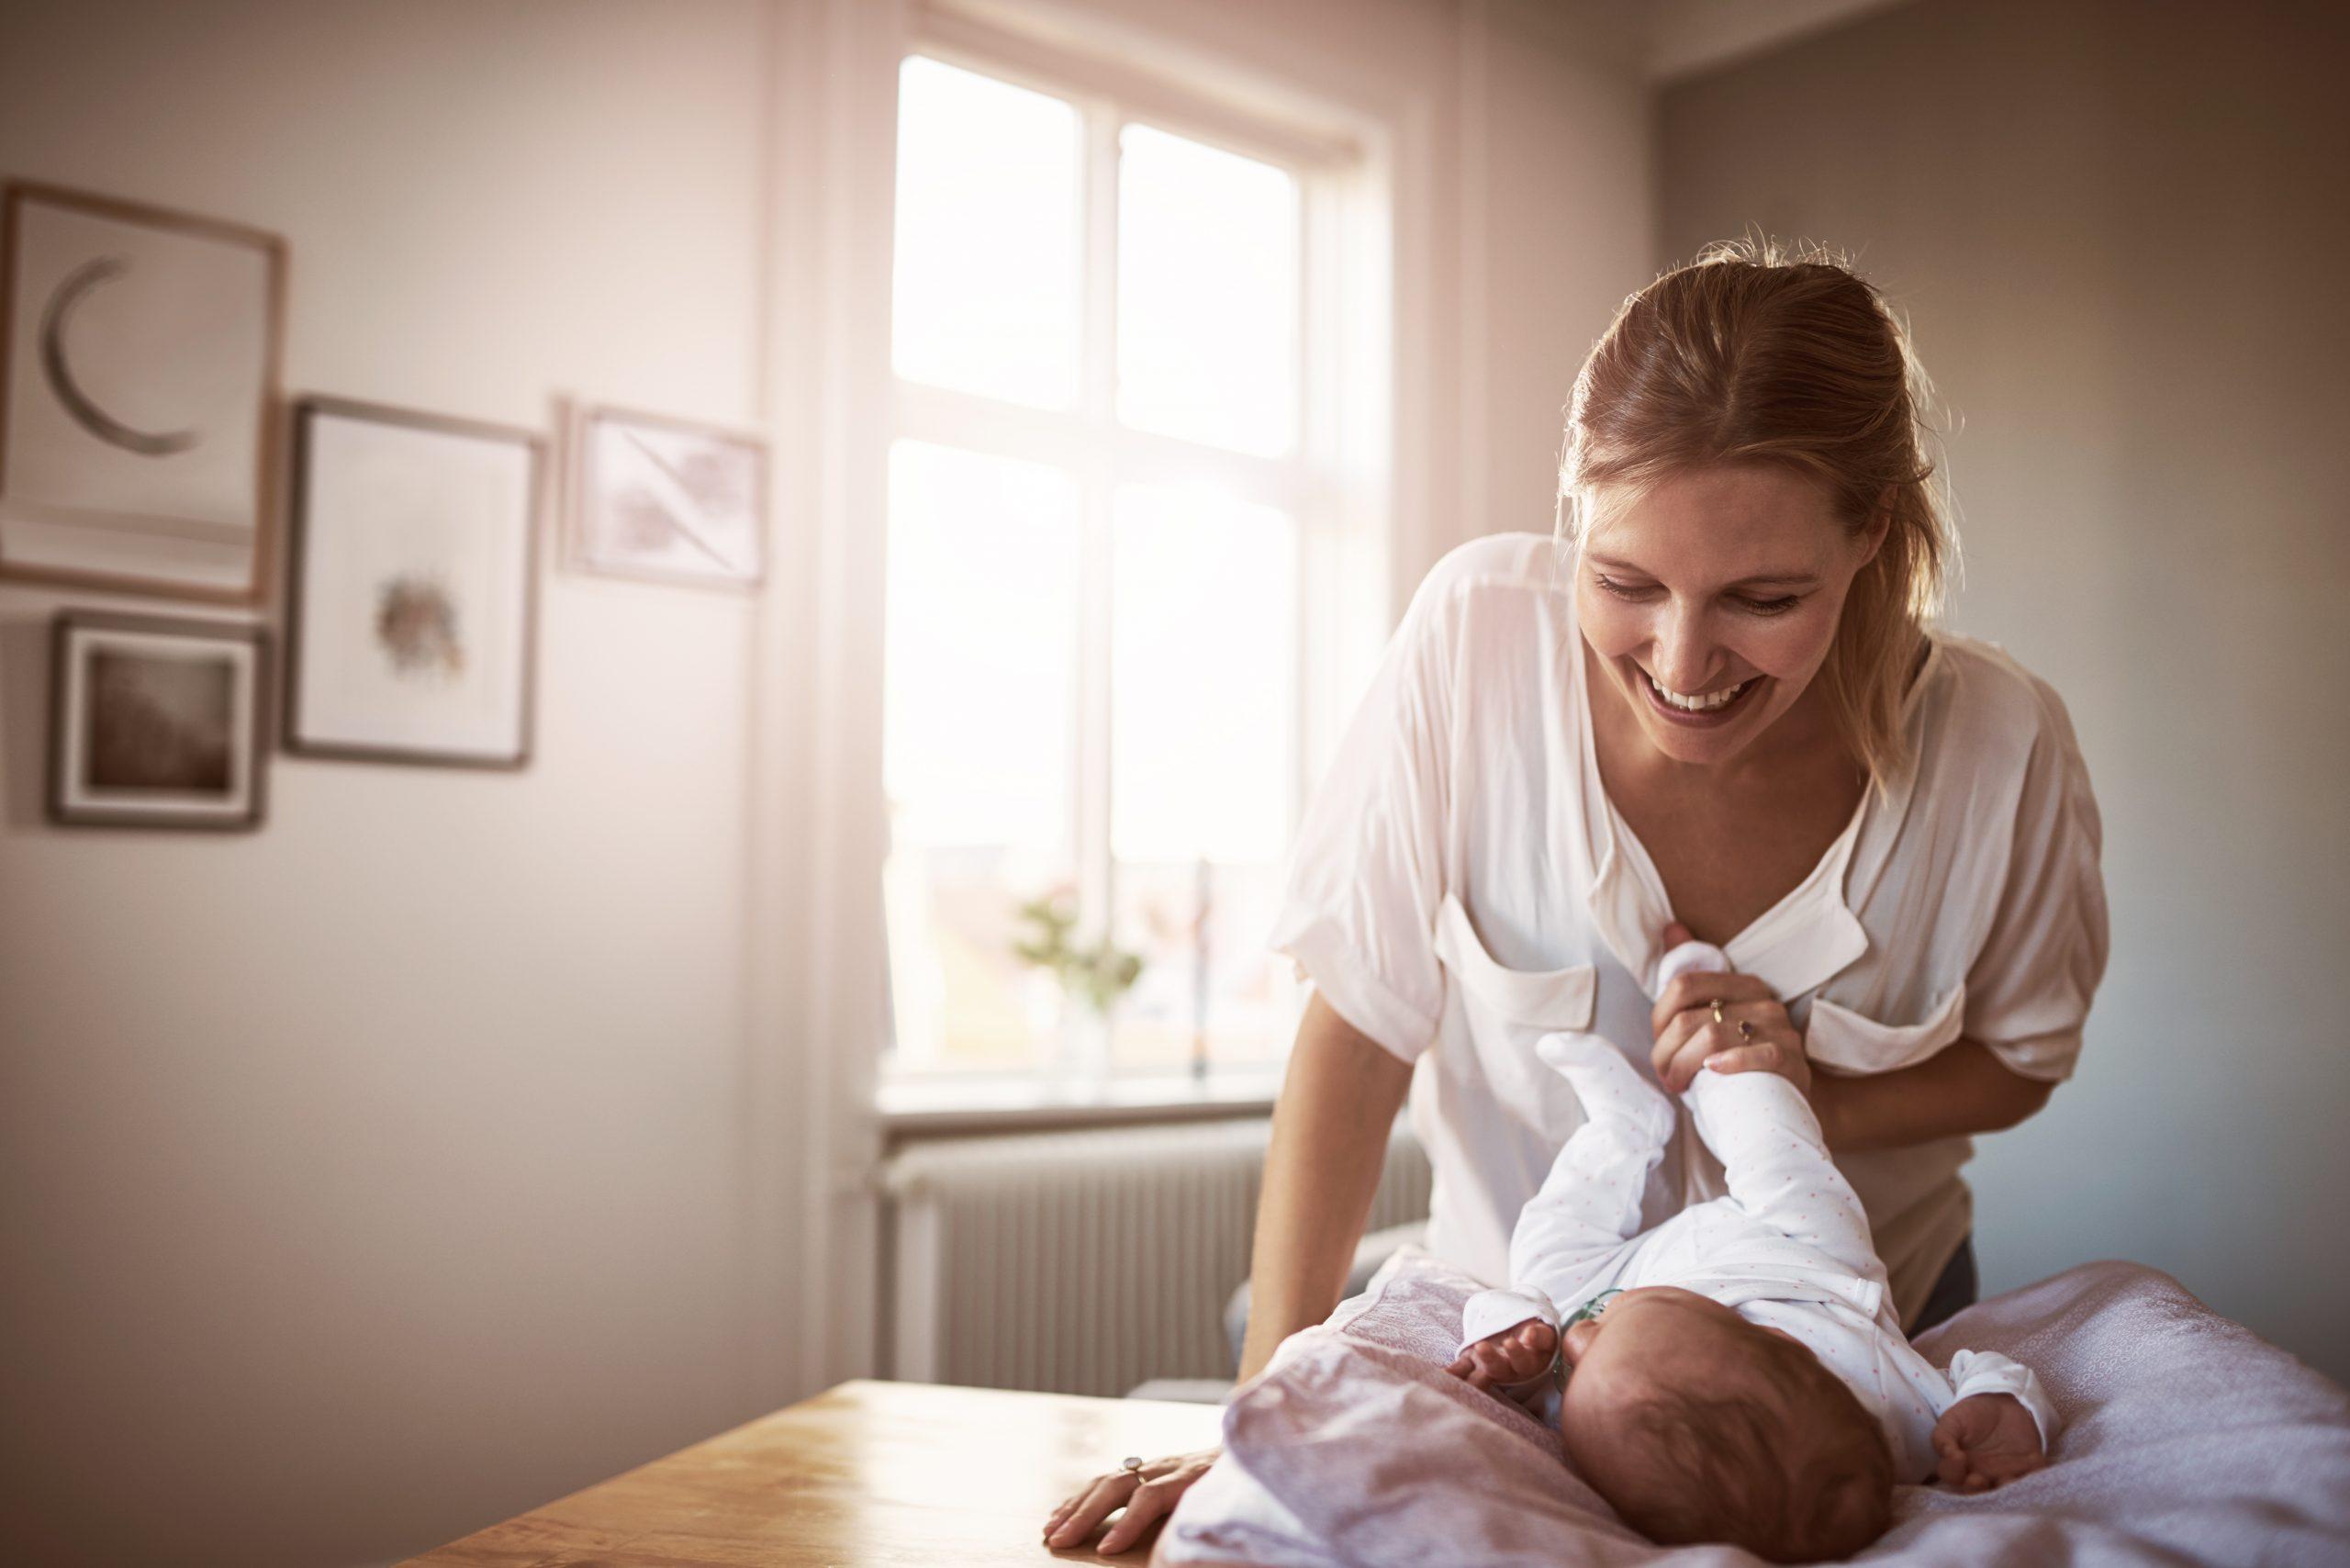 new mum and her baby